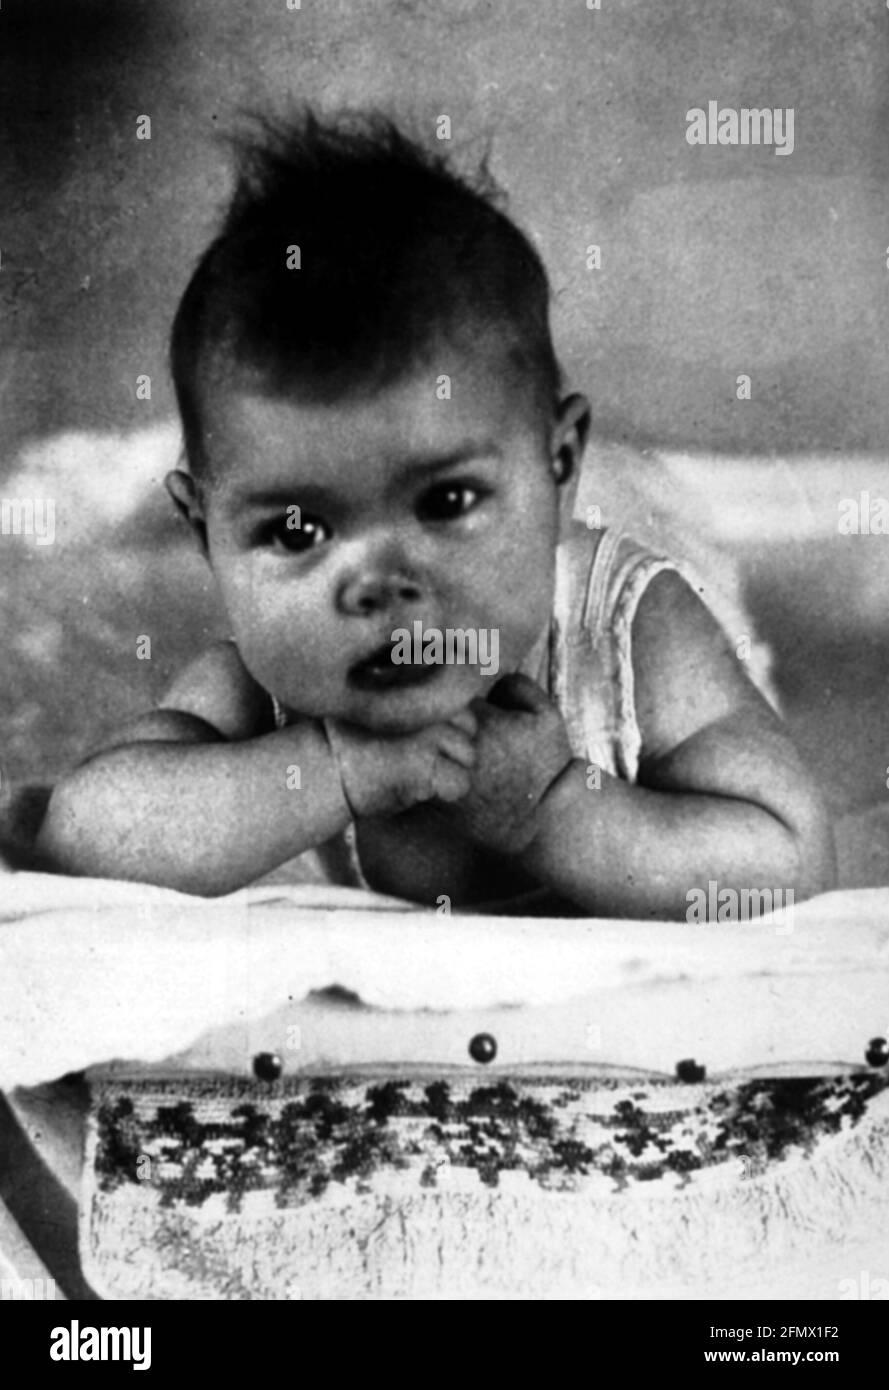 Kelly, Grace, 12.11.1929 - 14.9.1982, actrice américaine, demi-longueur, IMAGE ENFANT, DROITS-SUPPLÉMENTAIRES-AUTORISATION-INFO-NON-DISPONIBLE Banque D'Images